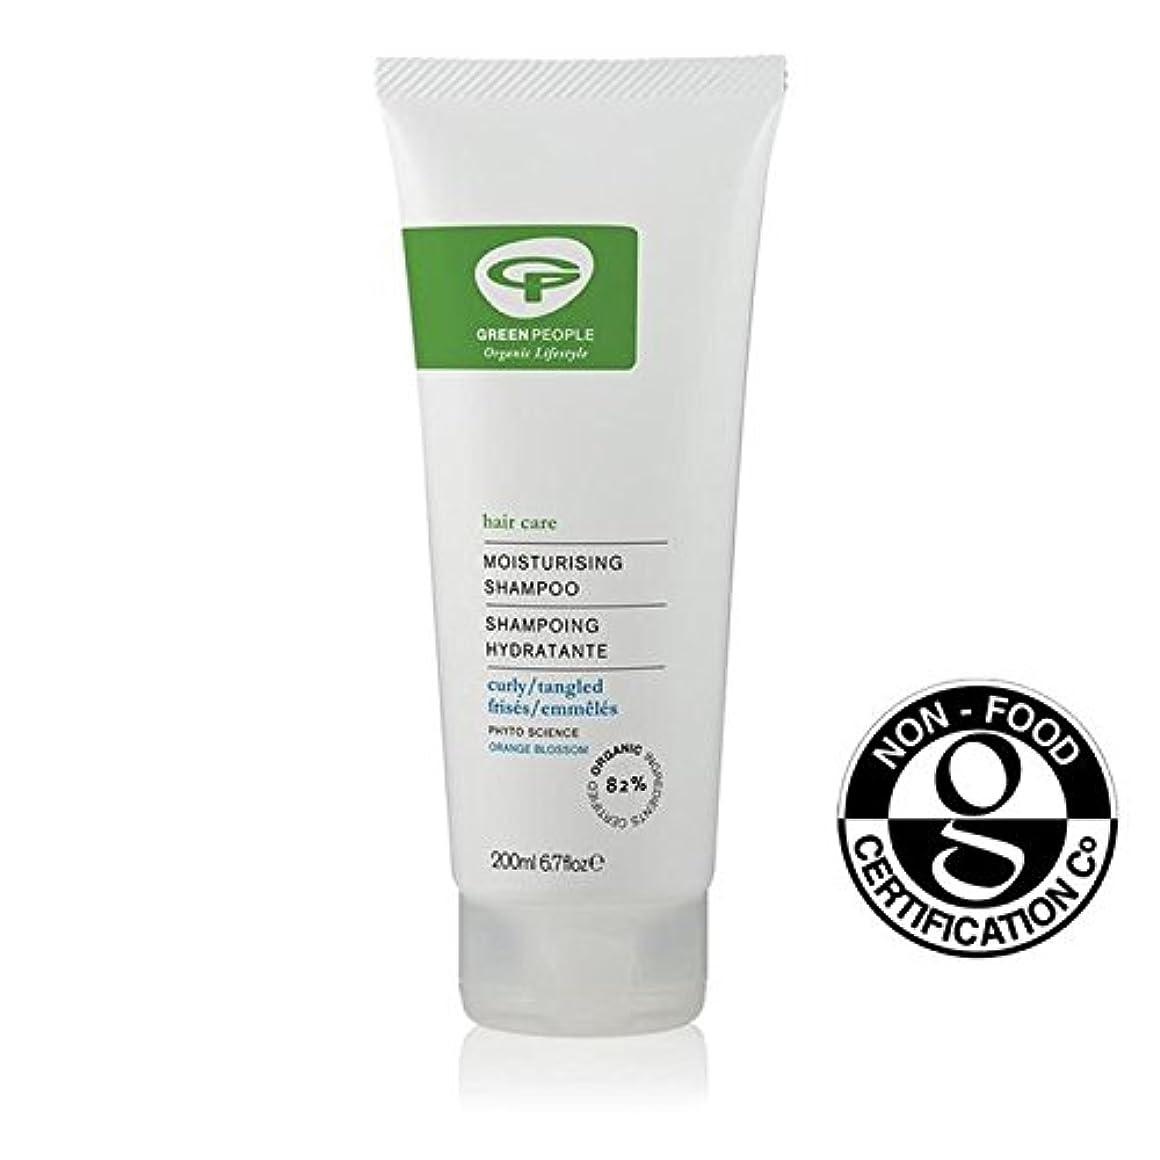 人種歴史家姿勢Green People Organic Moisturising Shampoo 200ml - 緑の人々の有機保湿シャンプー200ミリリットル [並行輸入品]